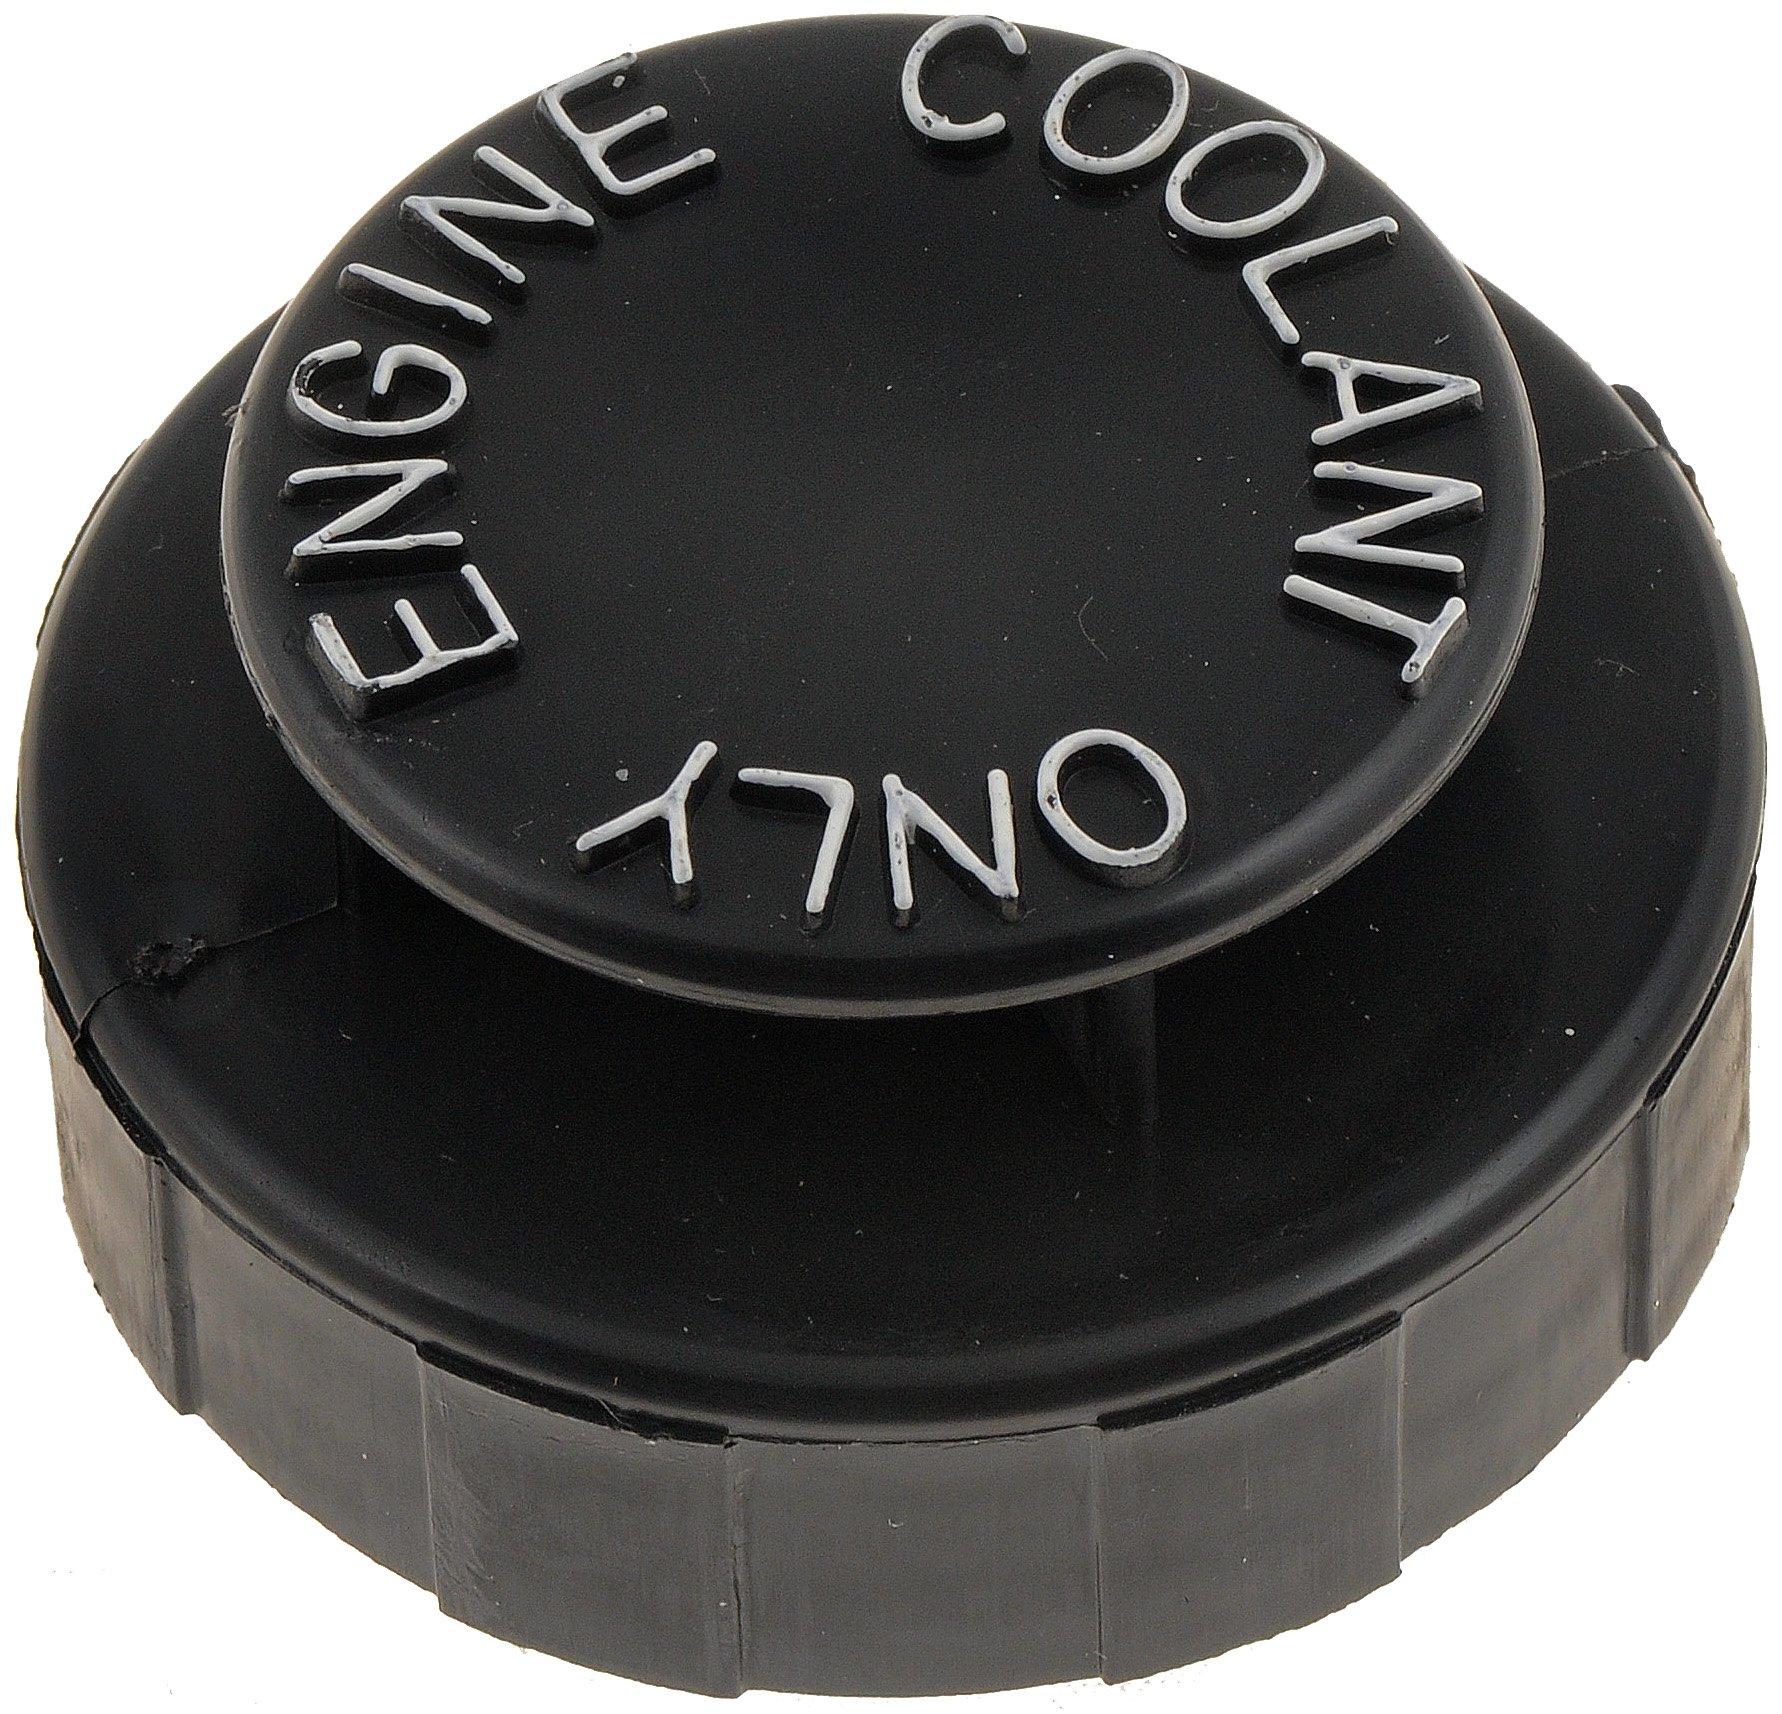 Bad Radiator Cap Symptoms >> Mini Cooper Coolant Cap Missing - Mini Cooper Cars